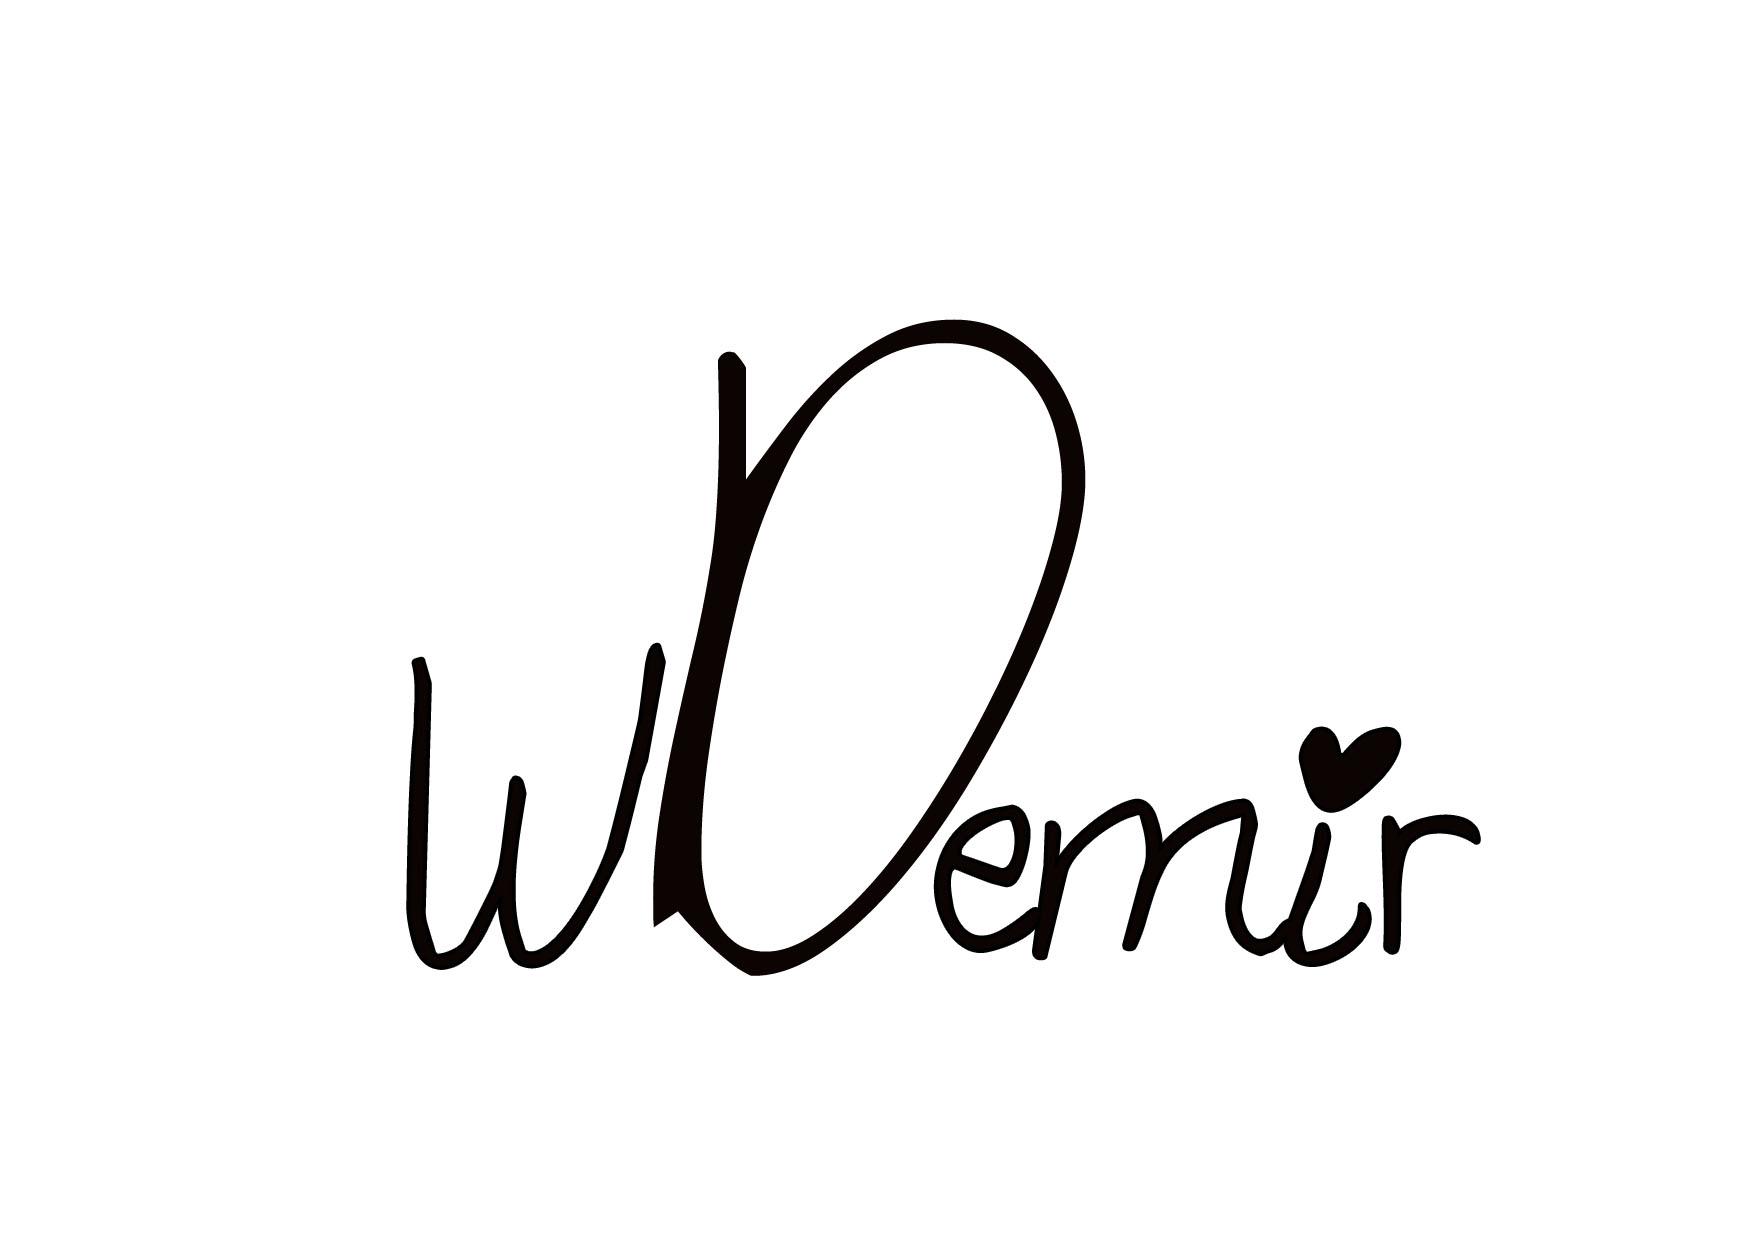 Wilme Demir Signature